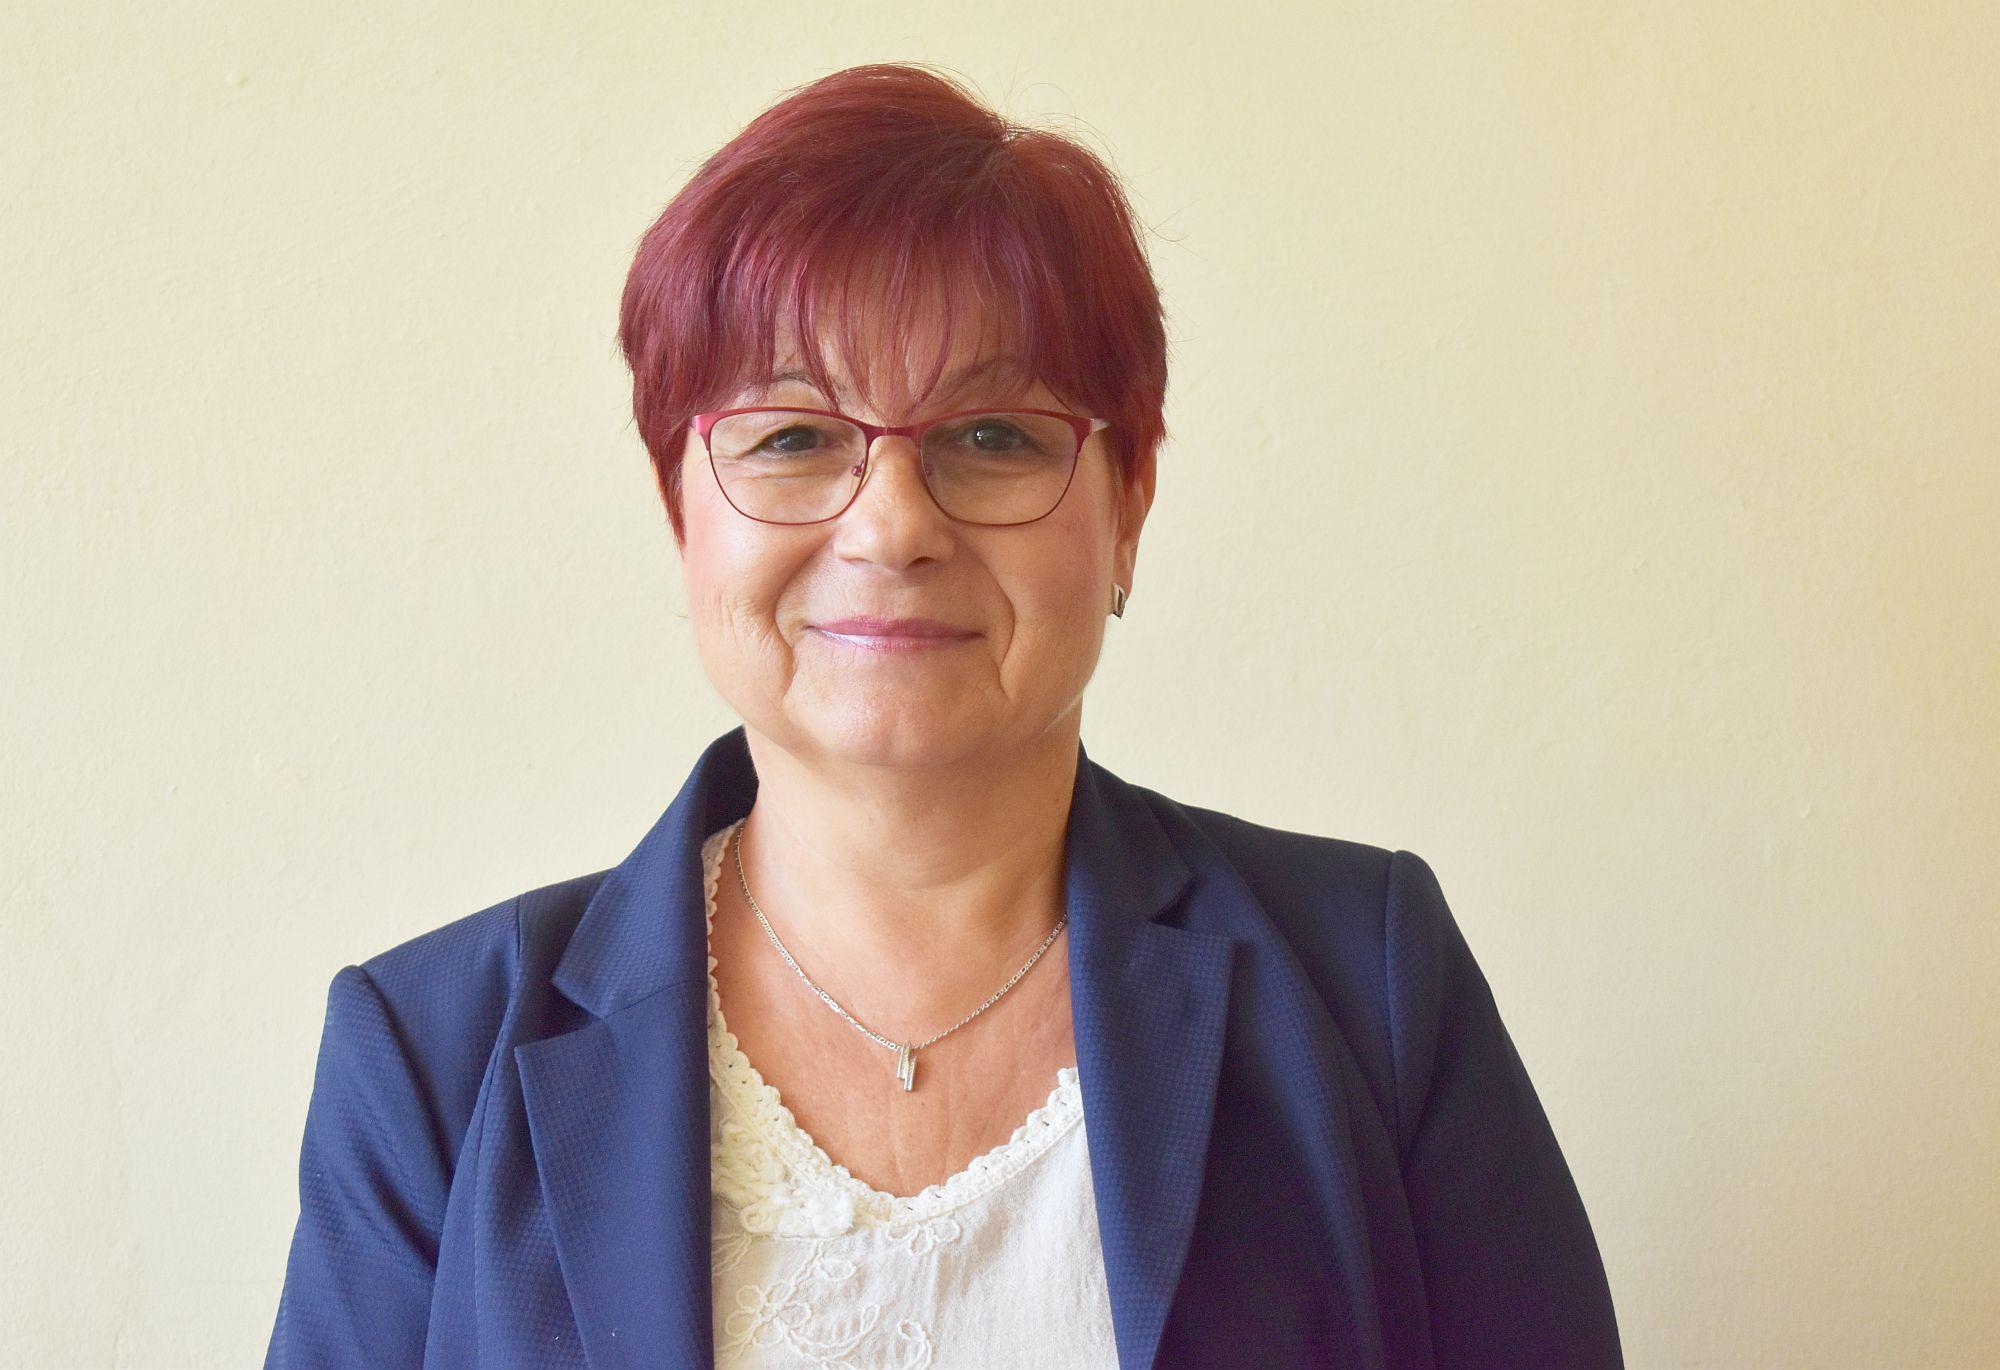 Руска Вътева е новият заместник-кмет на Община Разград ...